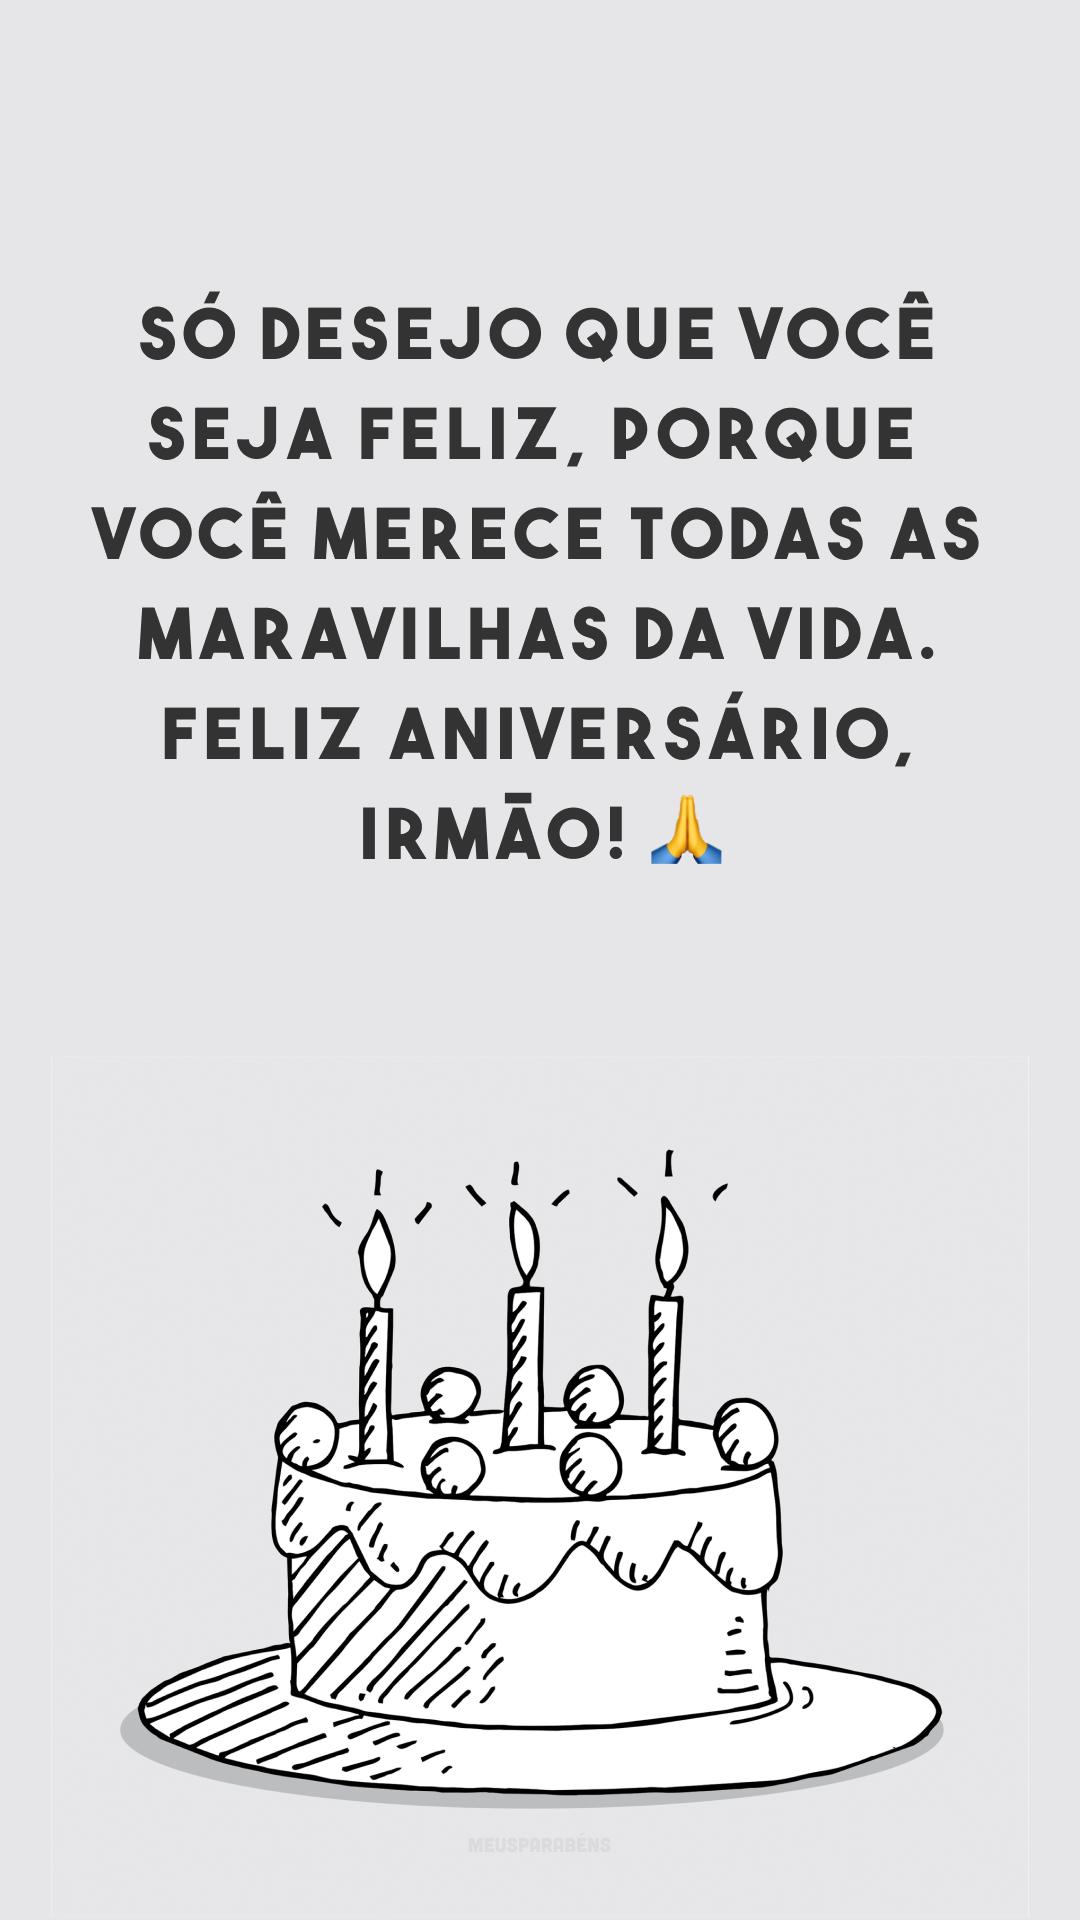 Só desejo que você seja feliz, porque você merece todas as maravilhas da vida. Feliz aniversário, irmão! 🙏